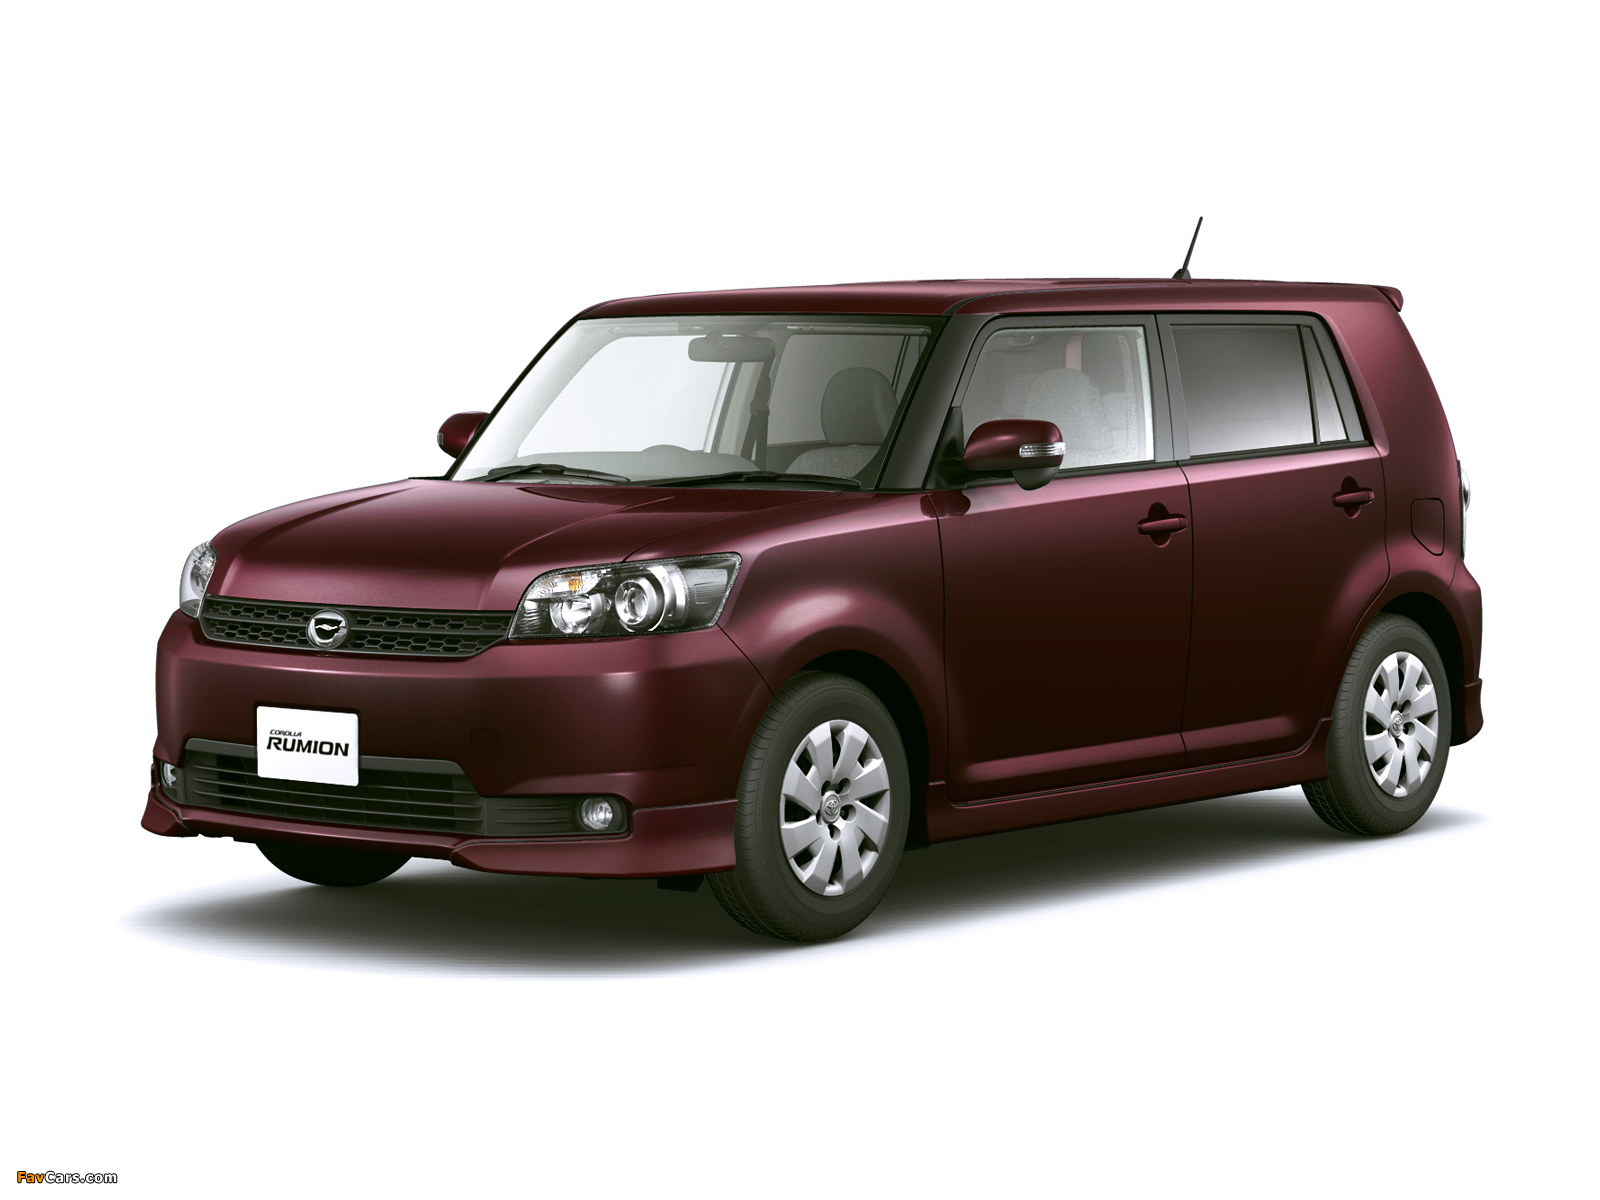 2005 Toyota Corolla S Fuel Economy